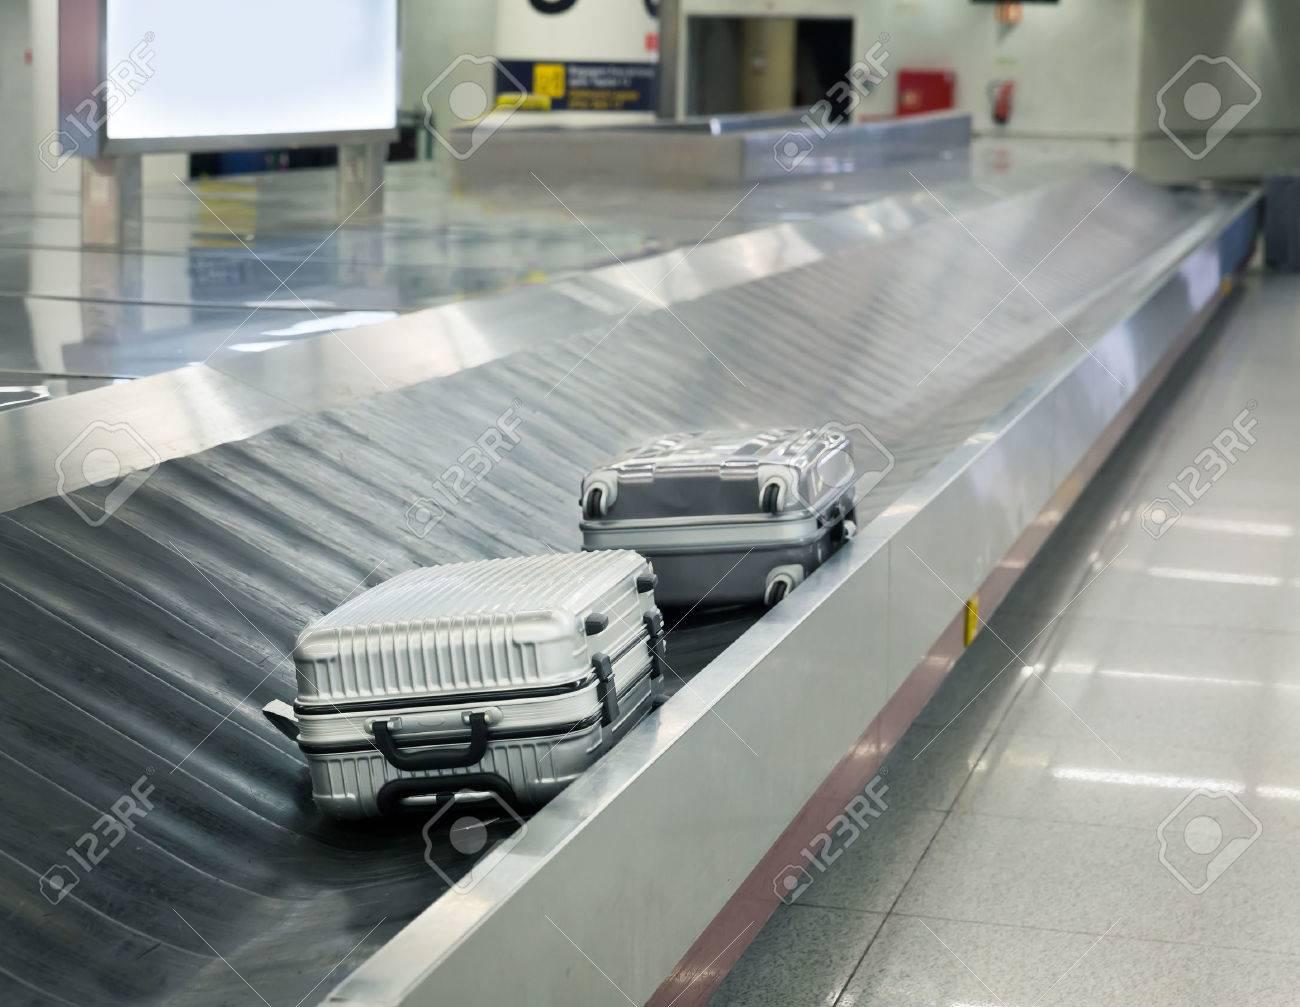 deux valises sur le tapis roulant a bagages a l aeroport